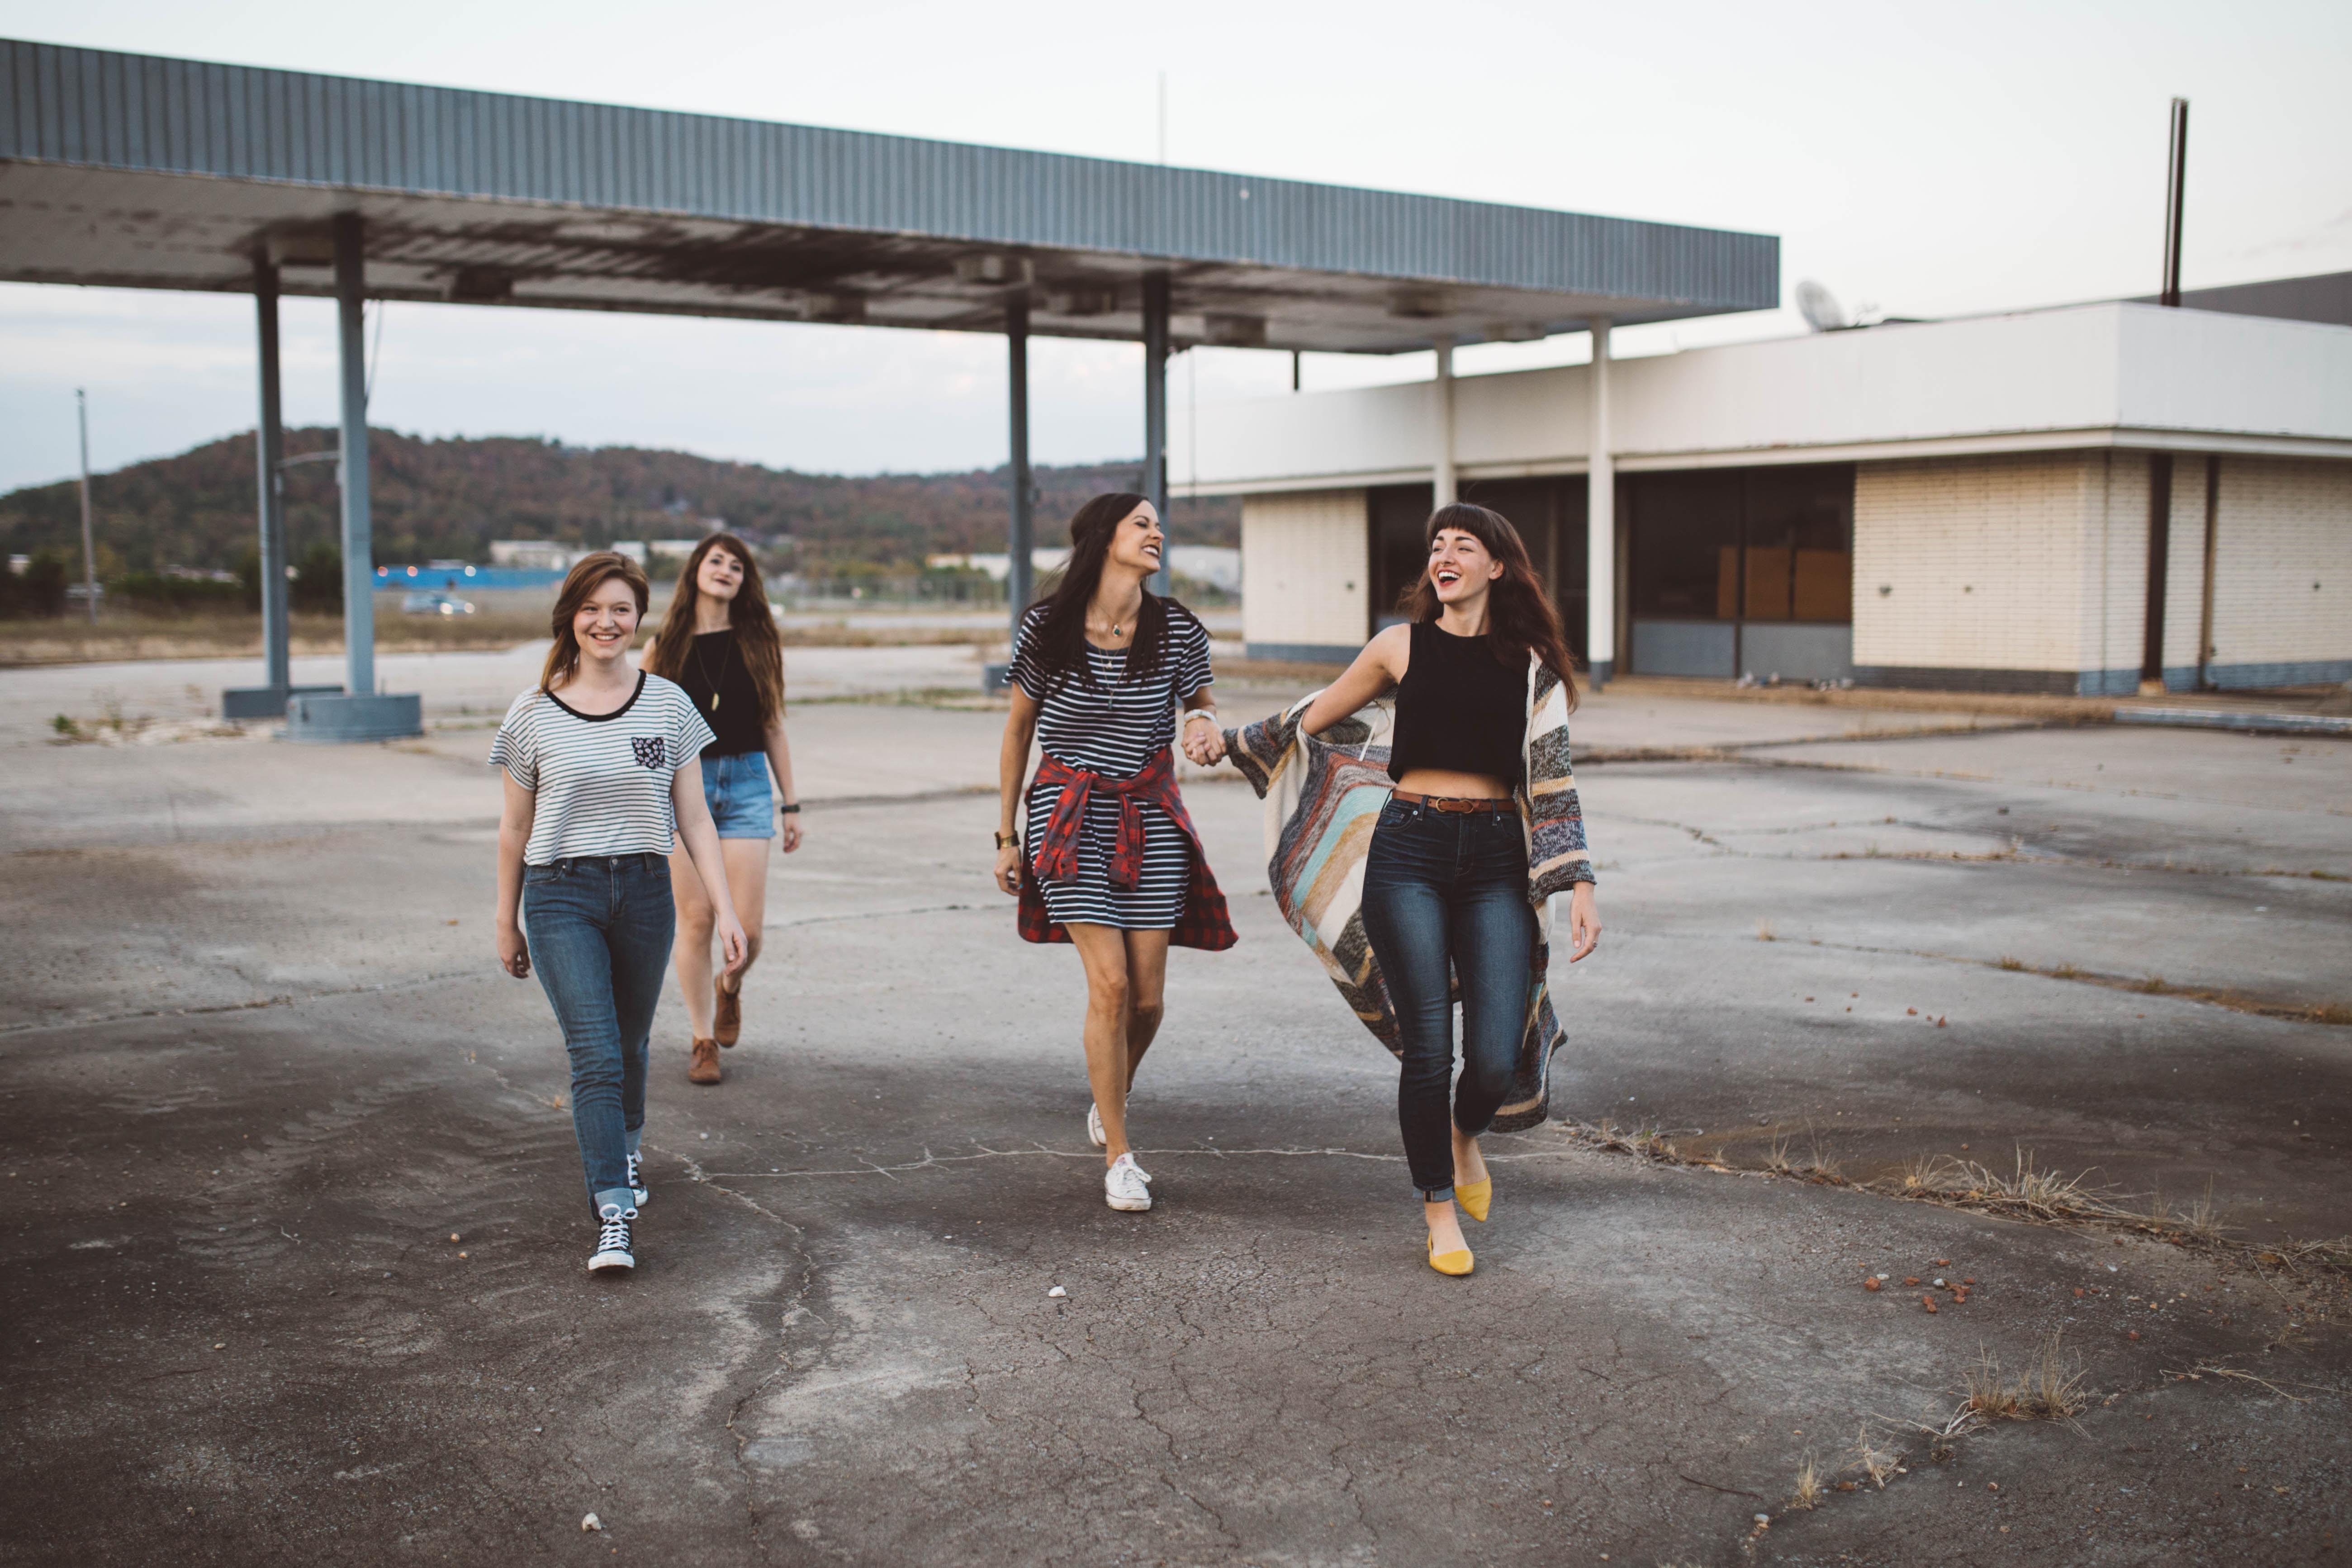 four girls walking near warehouse during daytime